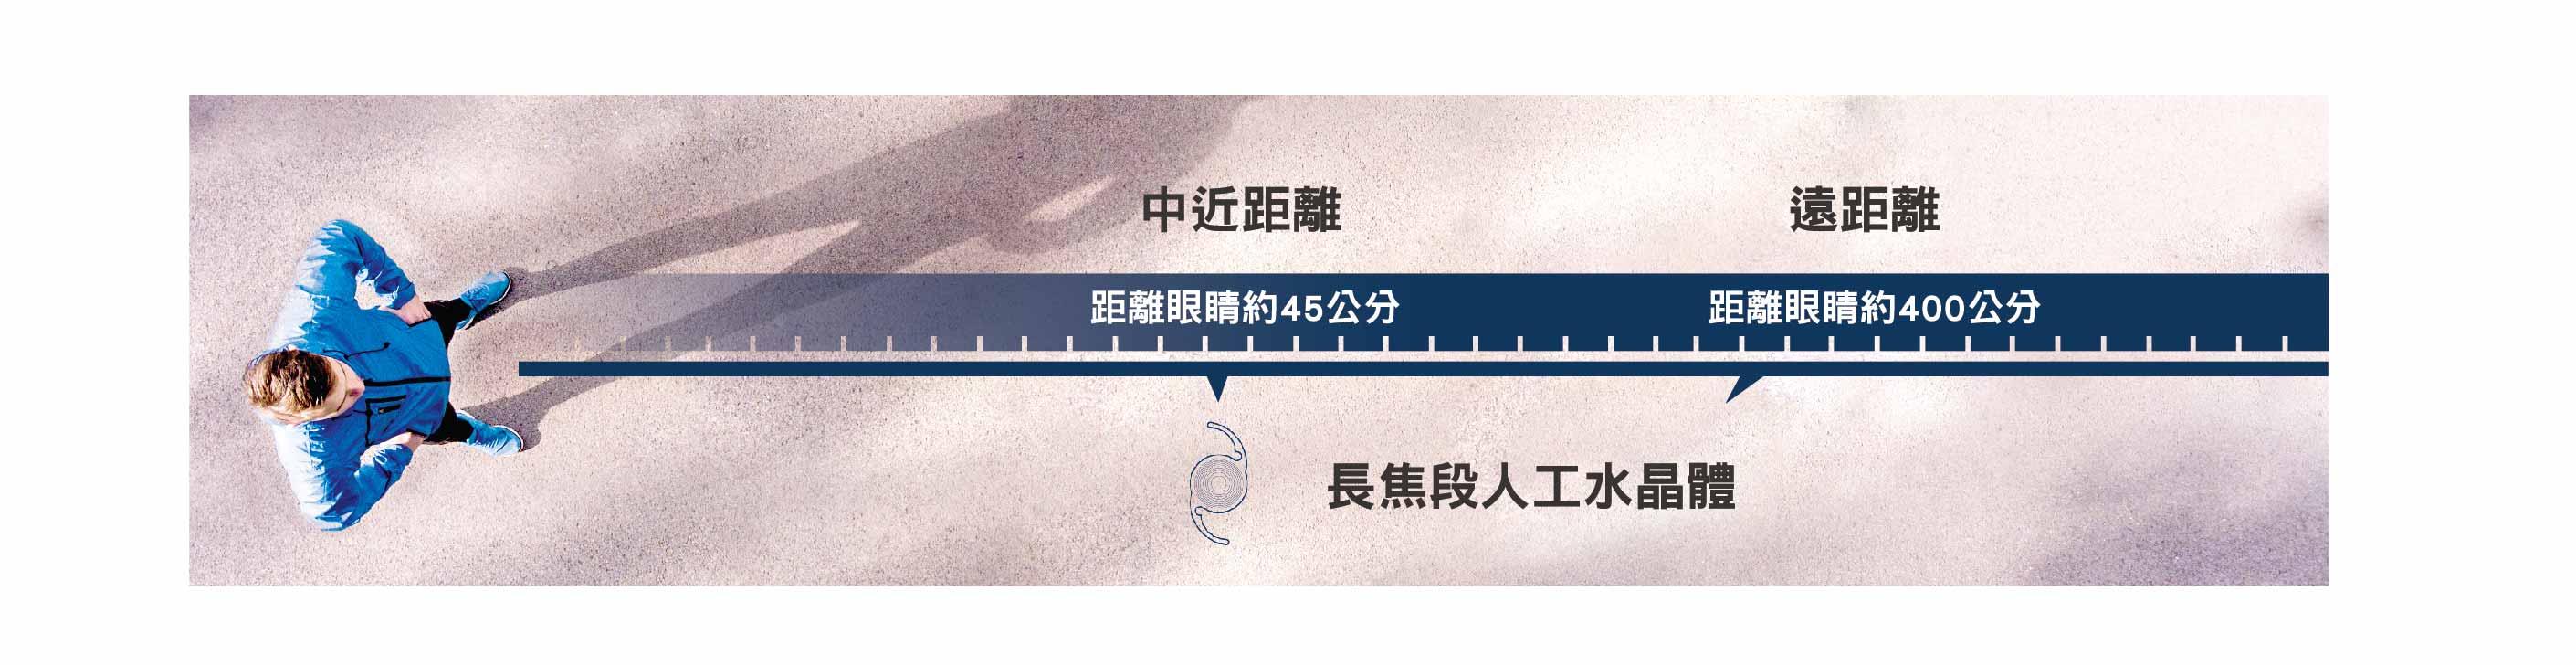 zxrchang_jiao_duan_ren_gong_shui_jing_ti_visual_range0419-2.jpg